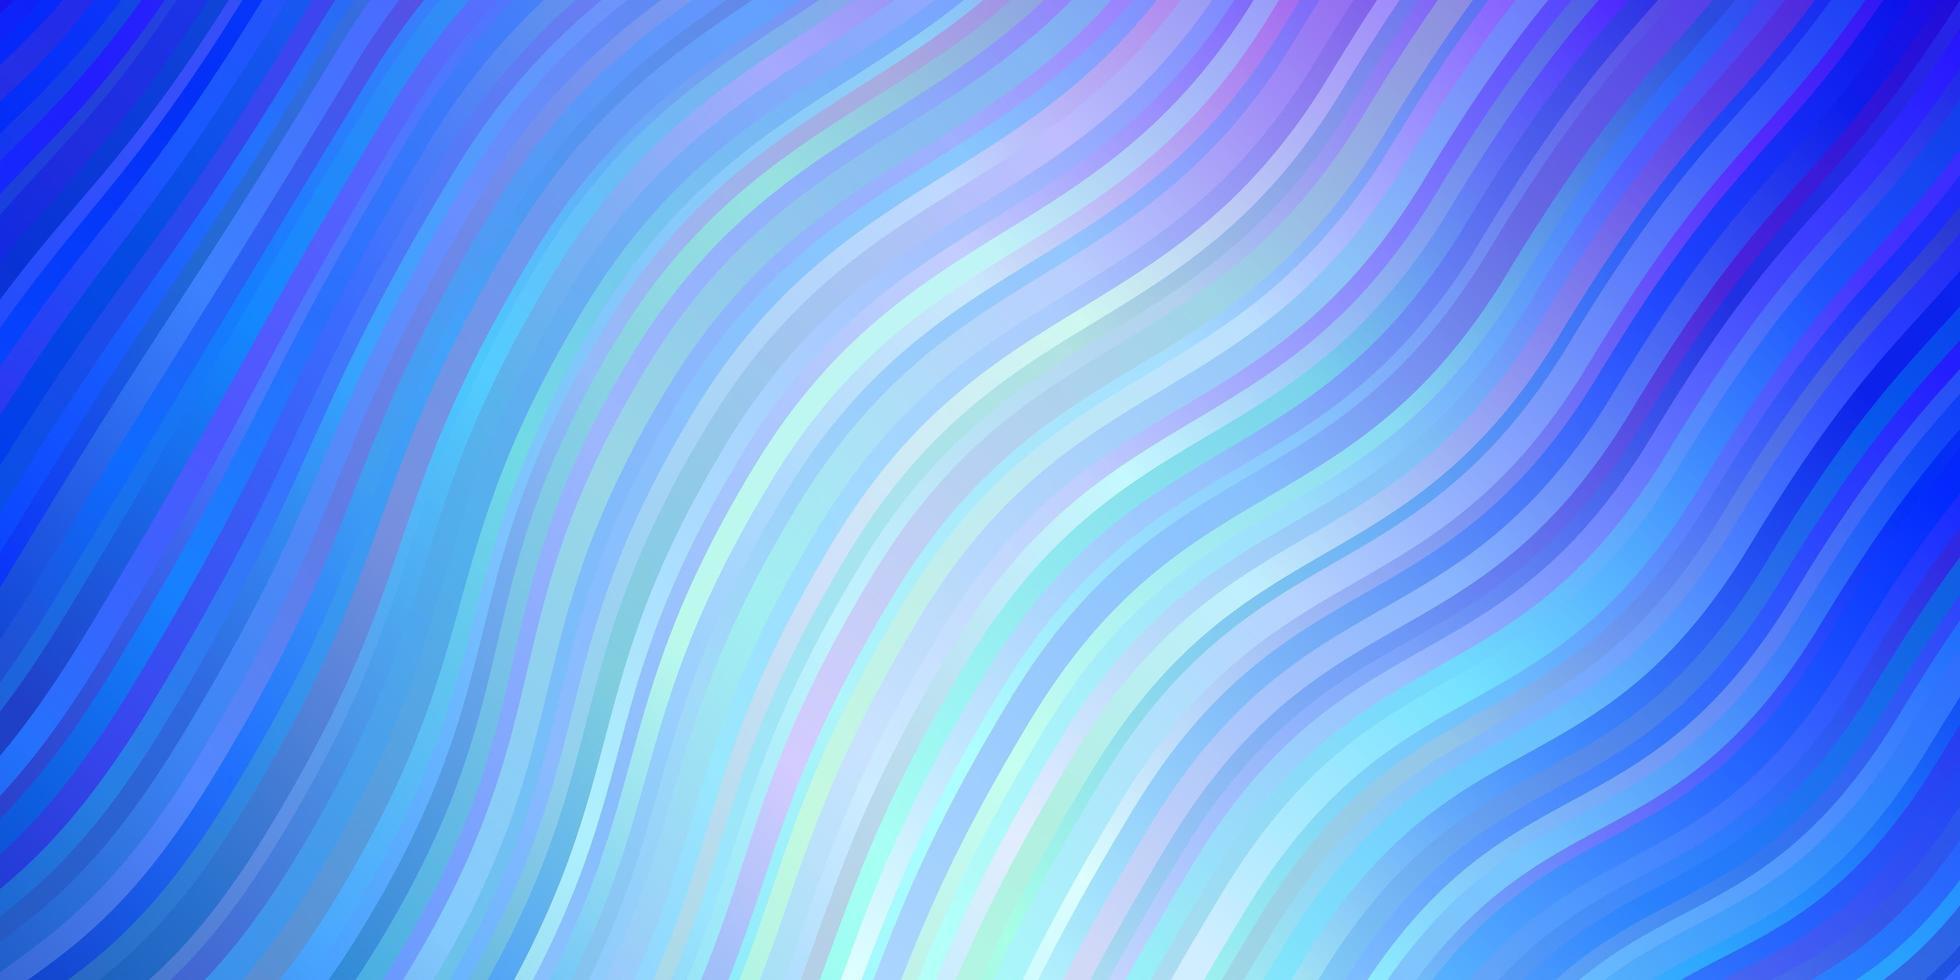 modello vettoriale rosa chiaro, blu con linee ironiche.